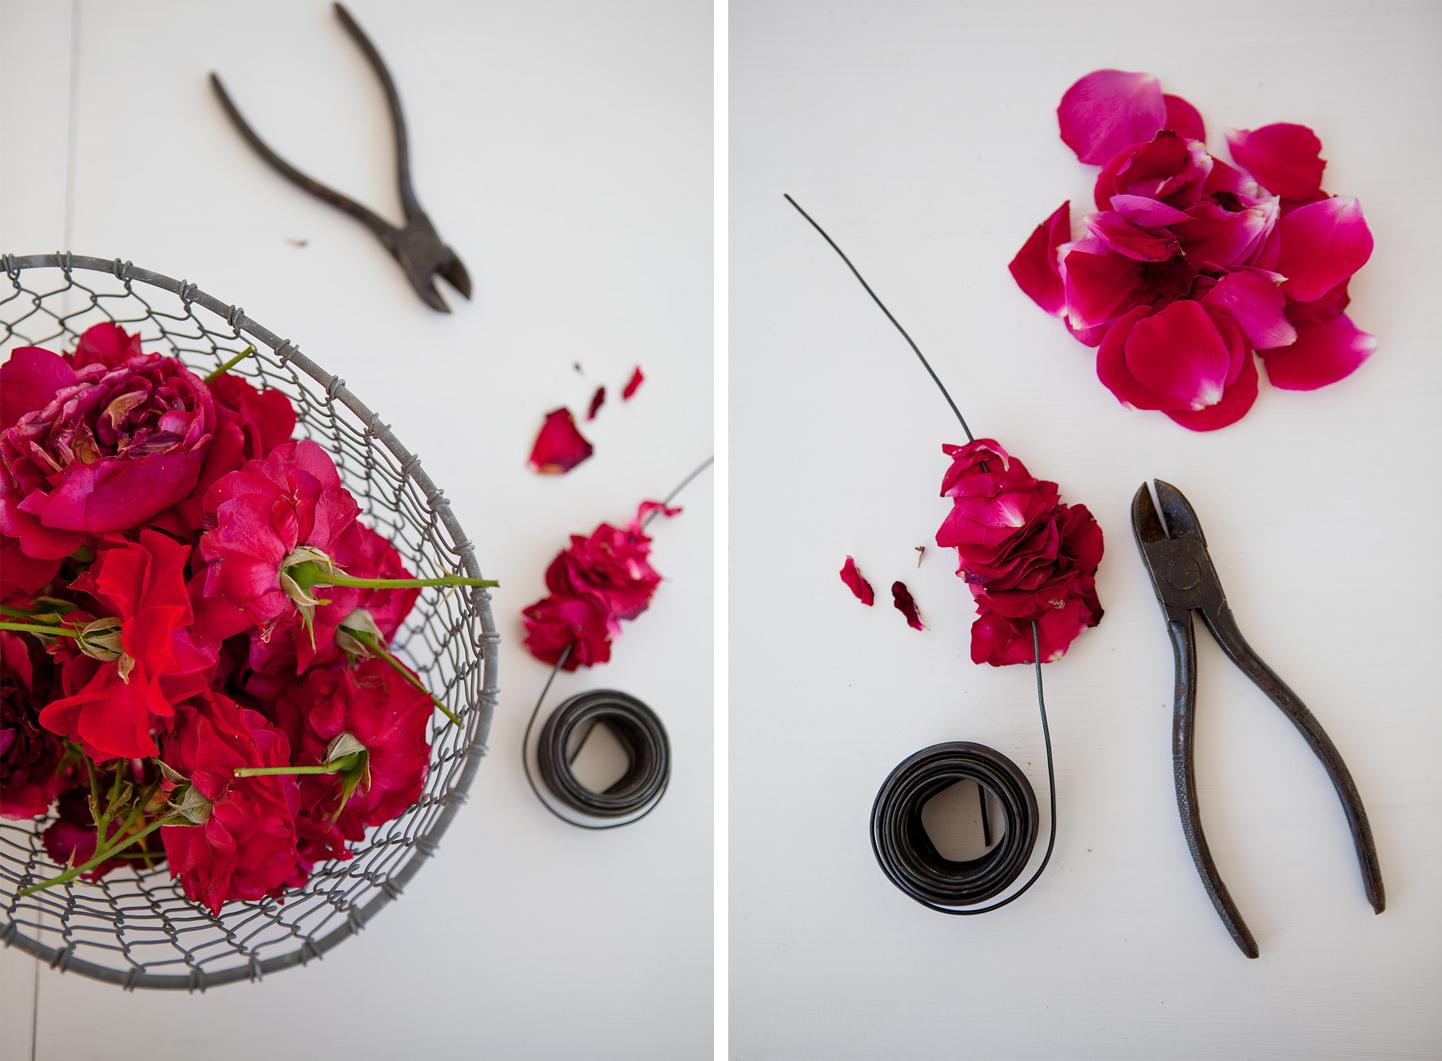 Rosepetals4©Anna-Lefvert